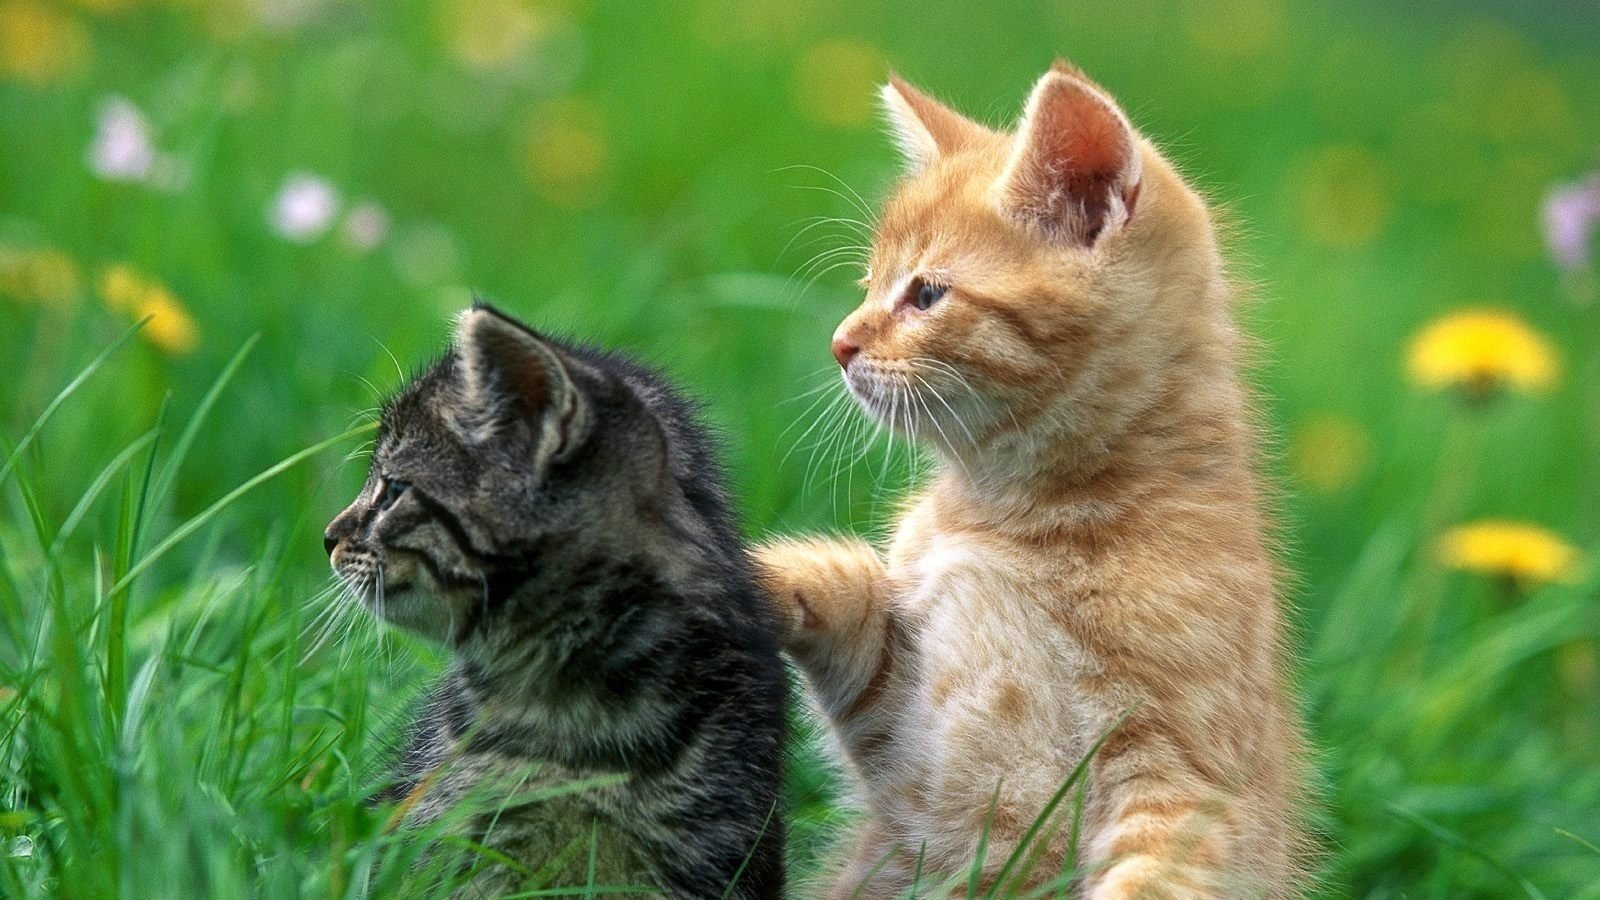 壁紙 かわいい黒猫と黄猫 1600x1200 Hd 無料のデスクトップの背景 画像